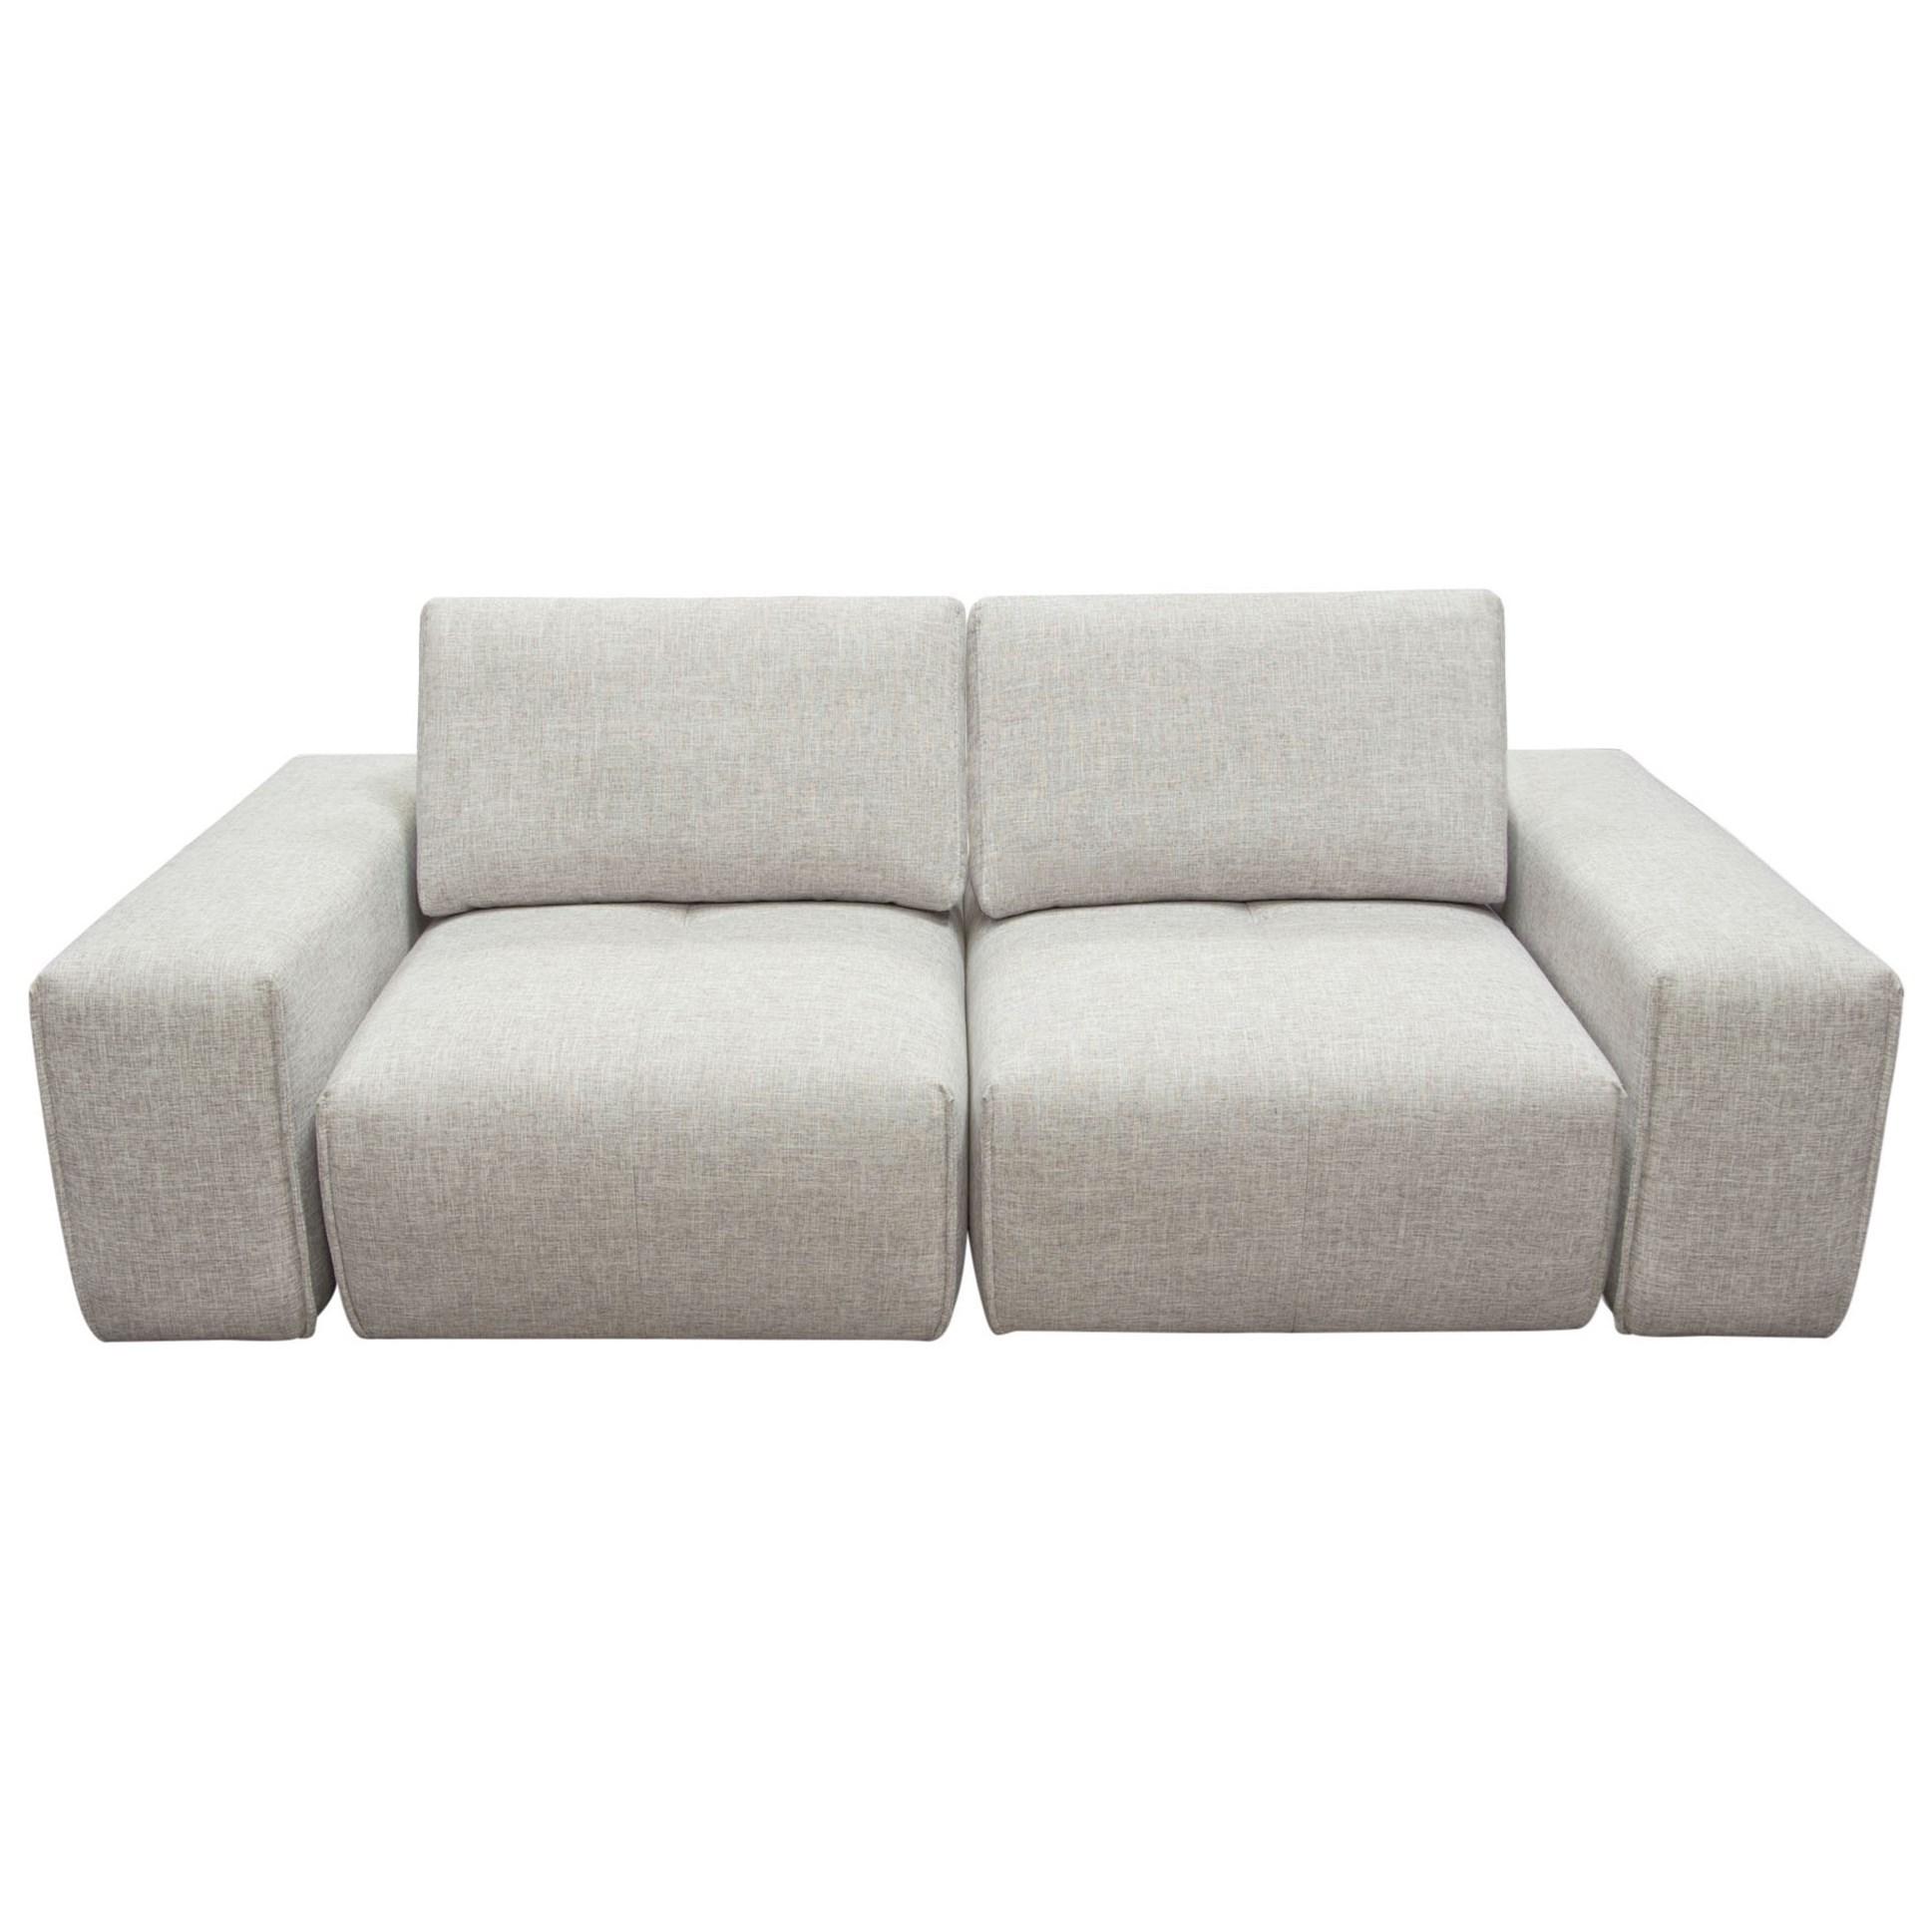 Diamond Sofa JazzLoveseat ...